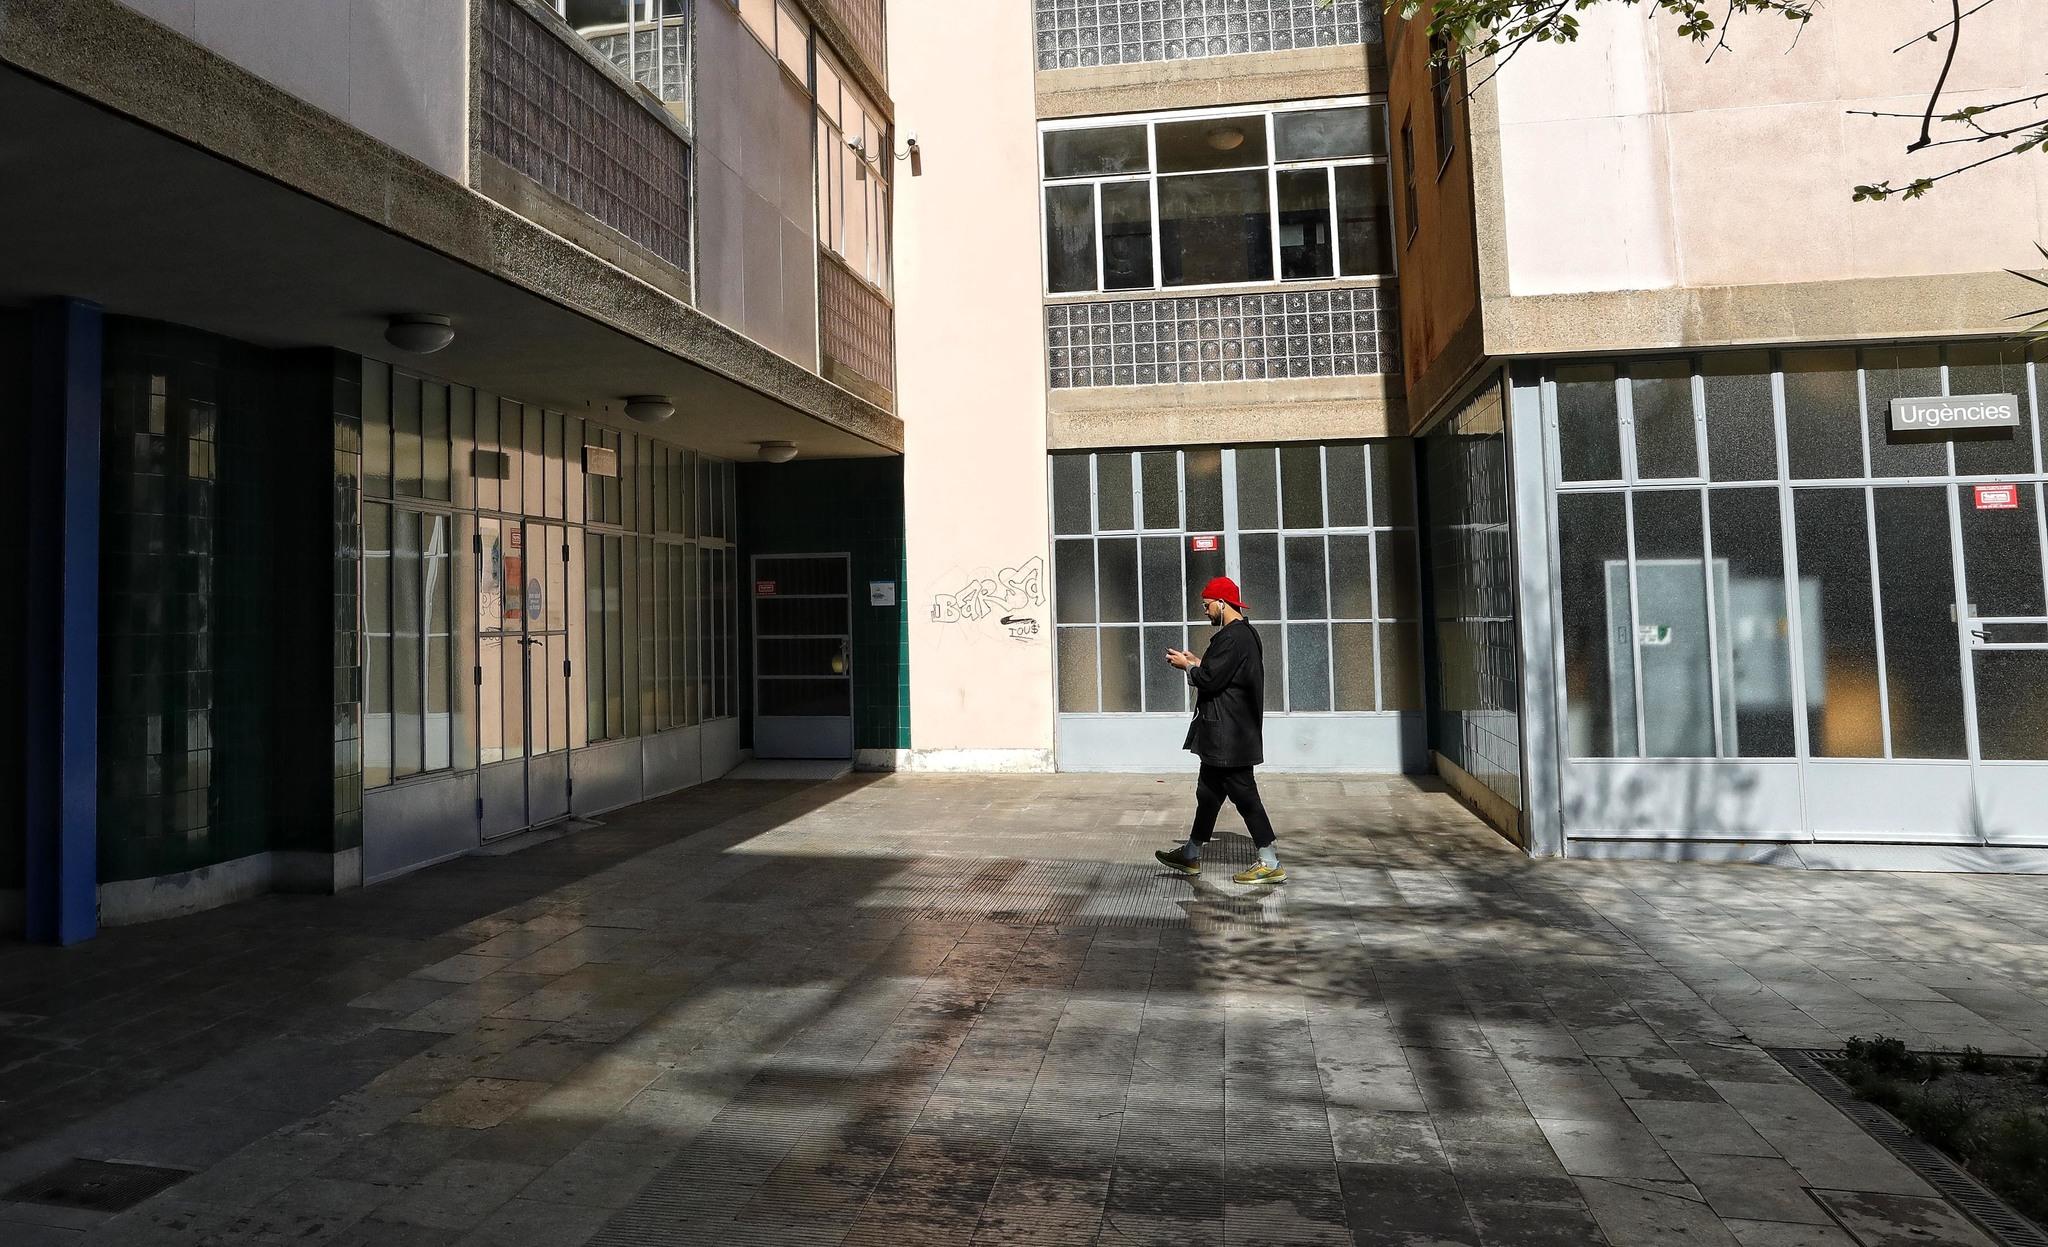 La entrada del Centro de Atención Primaria Raval Nord, en Barcelona, esta semana.